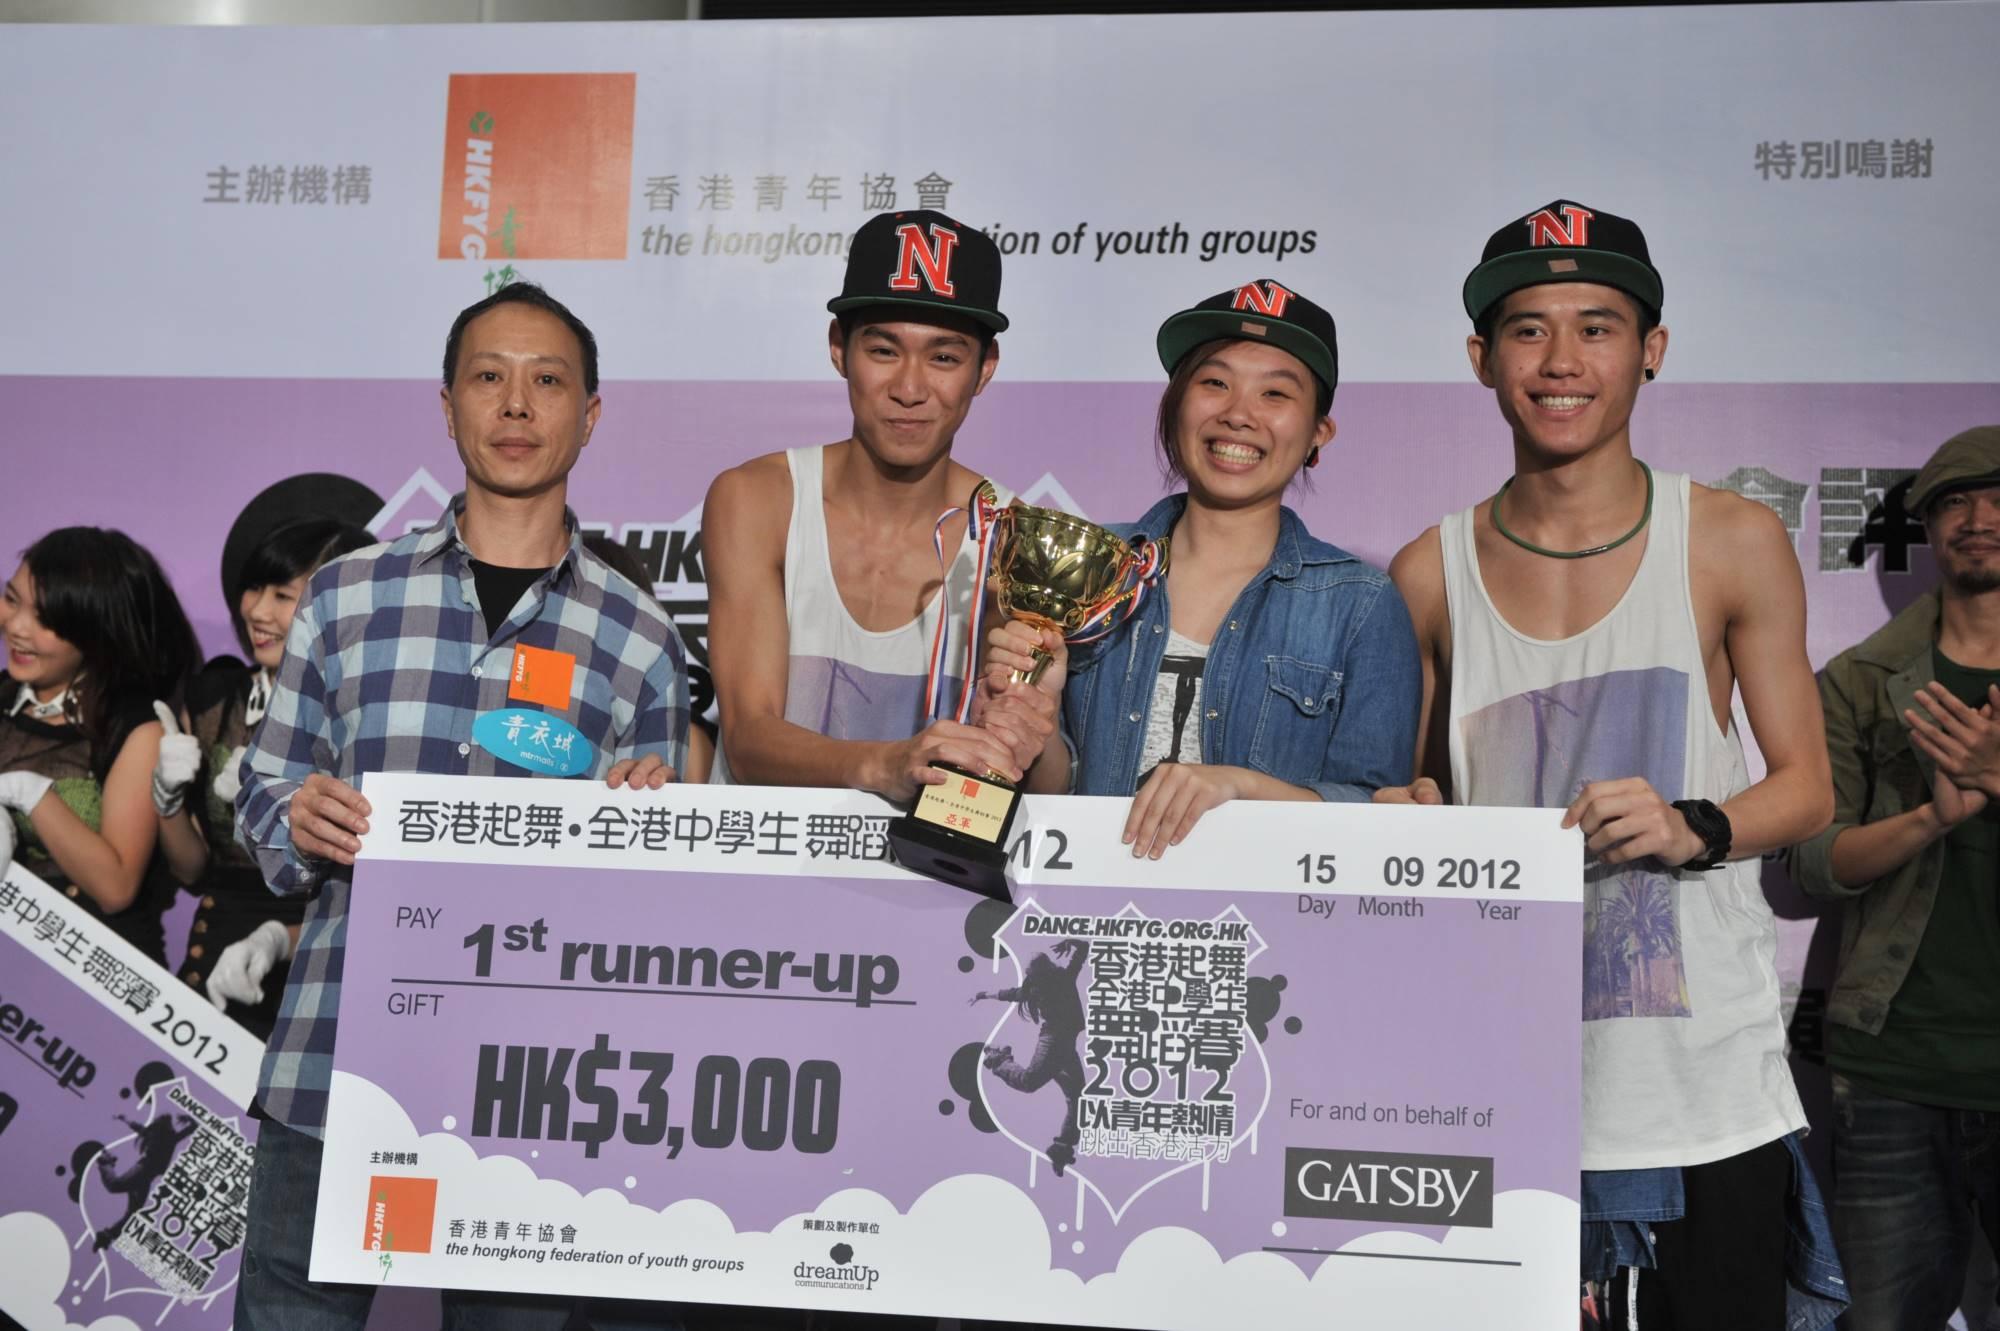 全港中學生舞蹈賽2012得獎隊伍 (3)